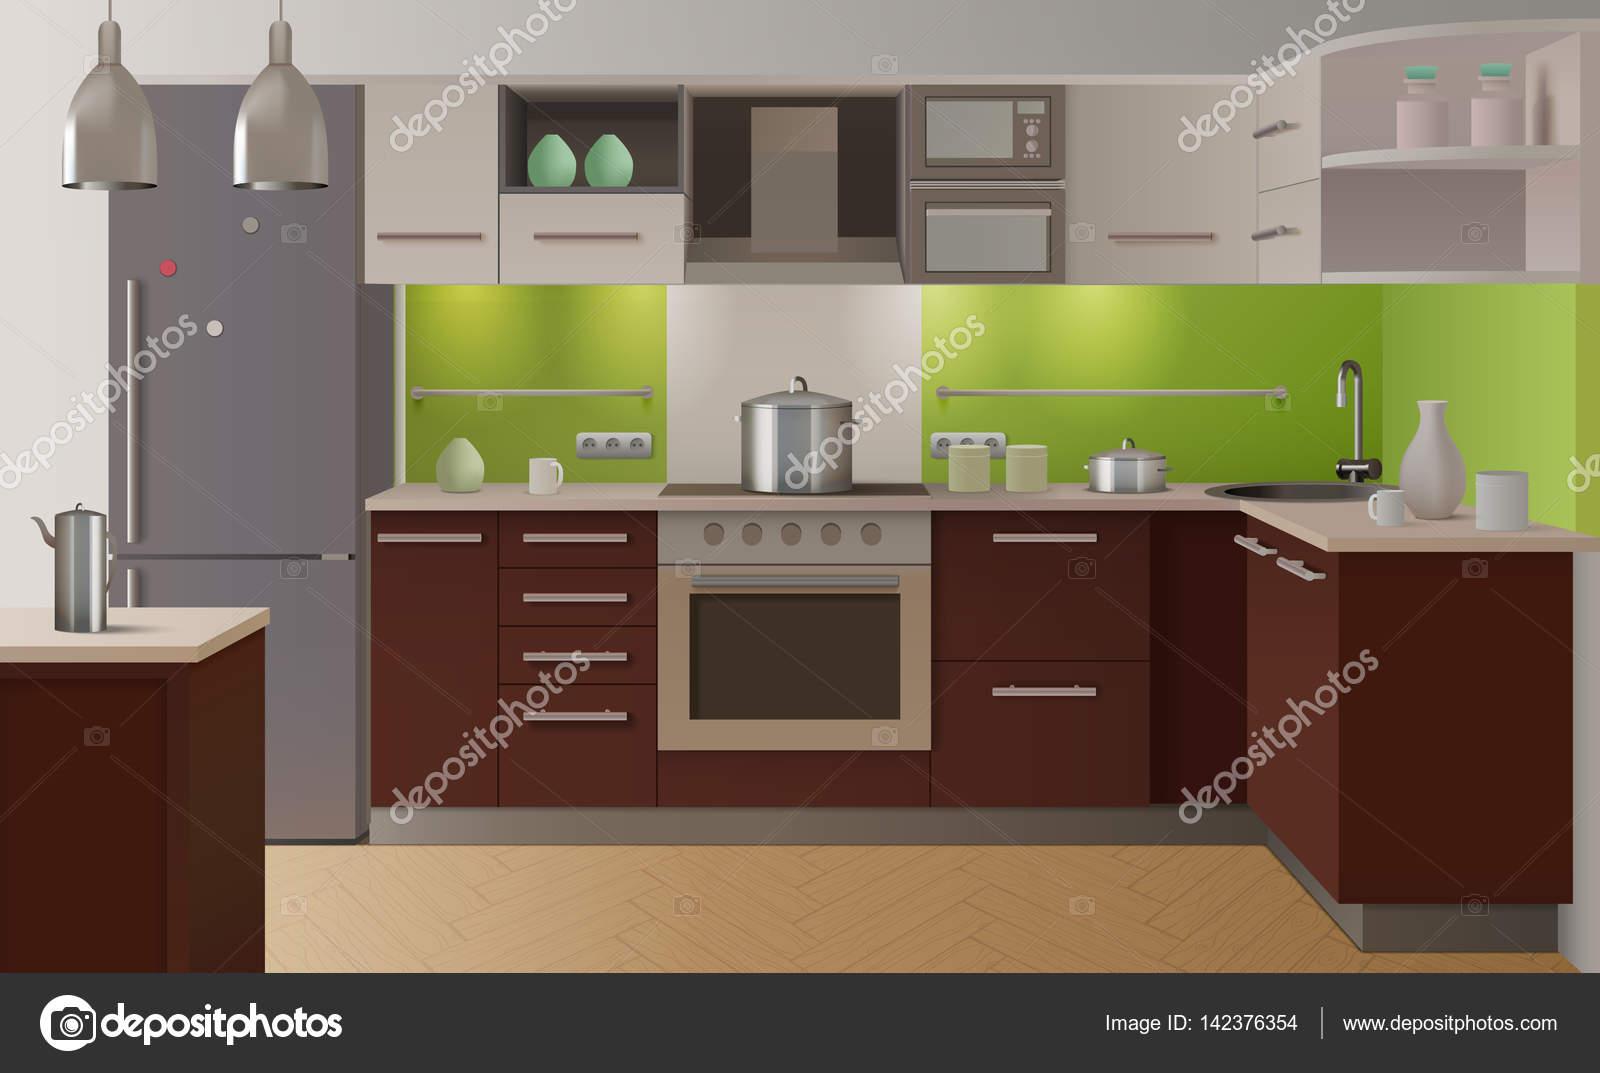 Interior De Cozinha Colorido Vetor De Stock Macrovector 142376354